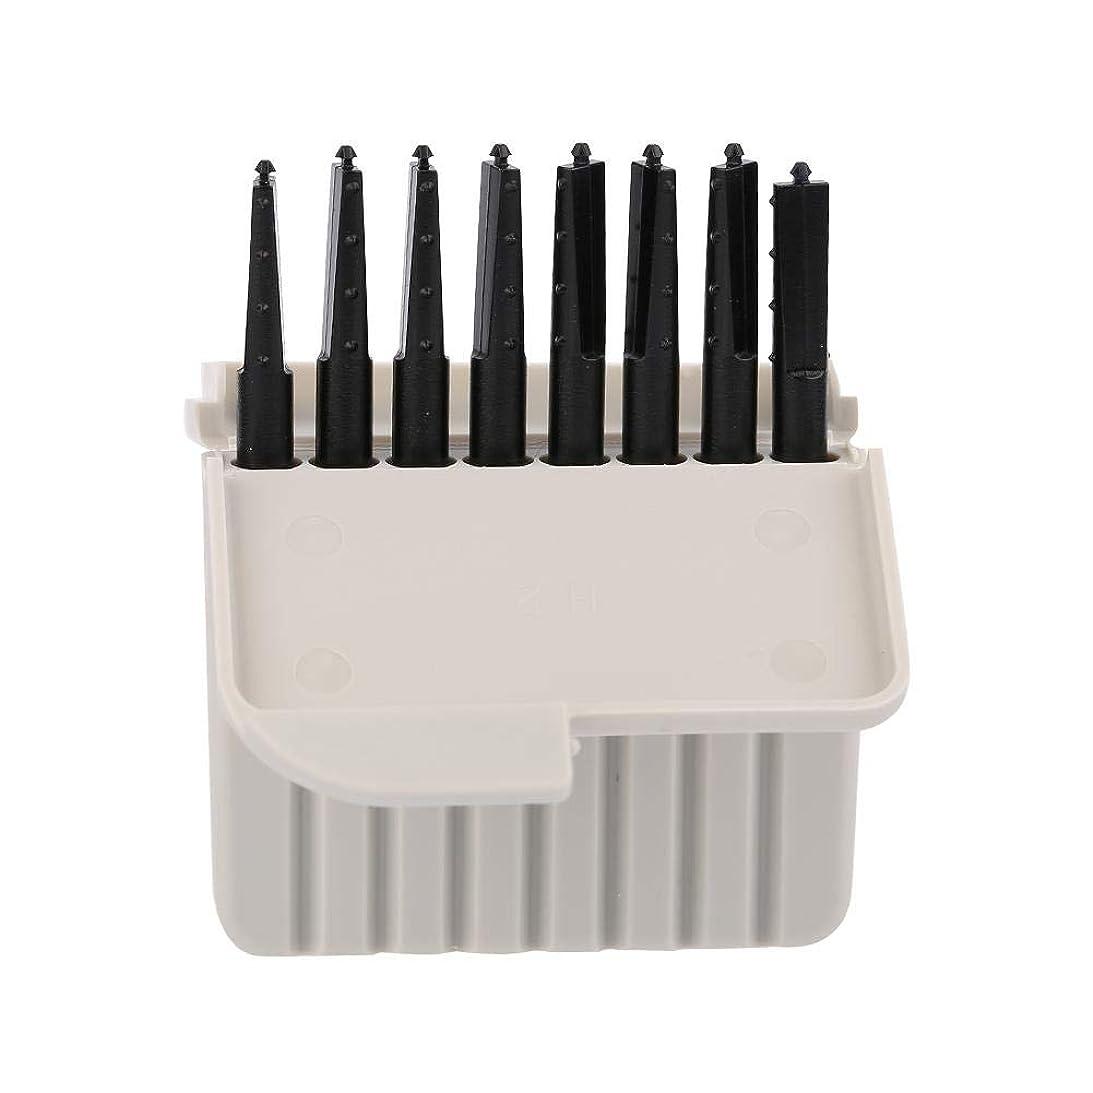 ナイトスポット効率的にエピソードSemmeワックスガード、8個使い捨てEarwaxフィルター補聴器アクセサリーワックスプロテクタークリーニングセット